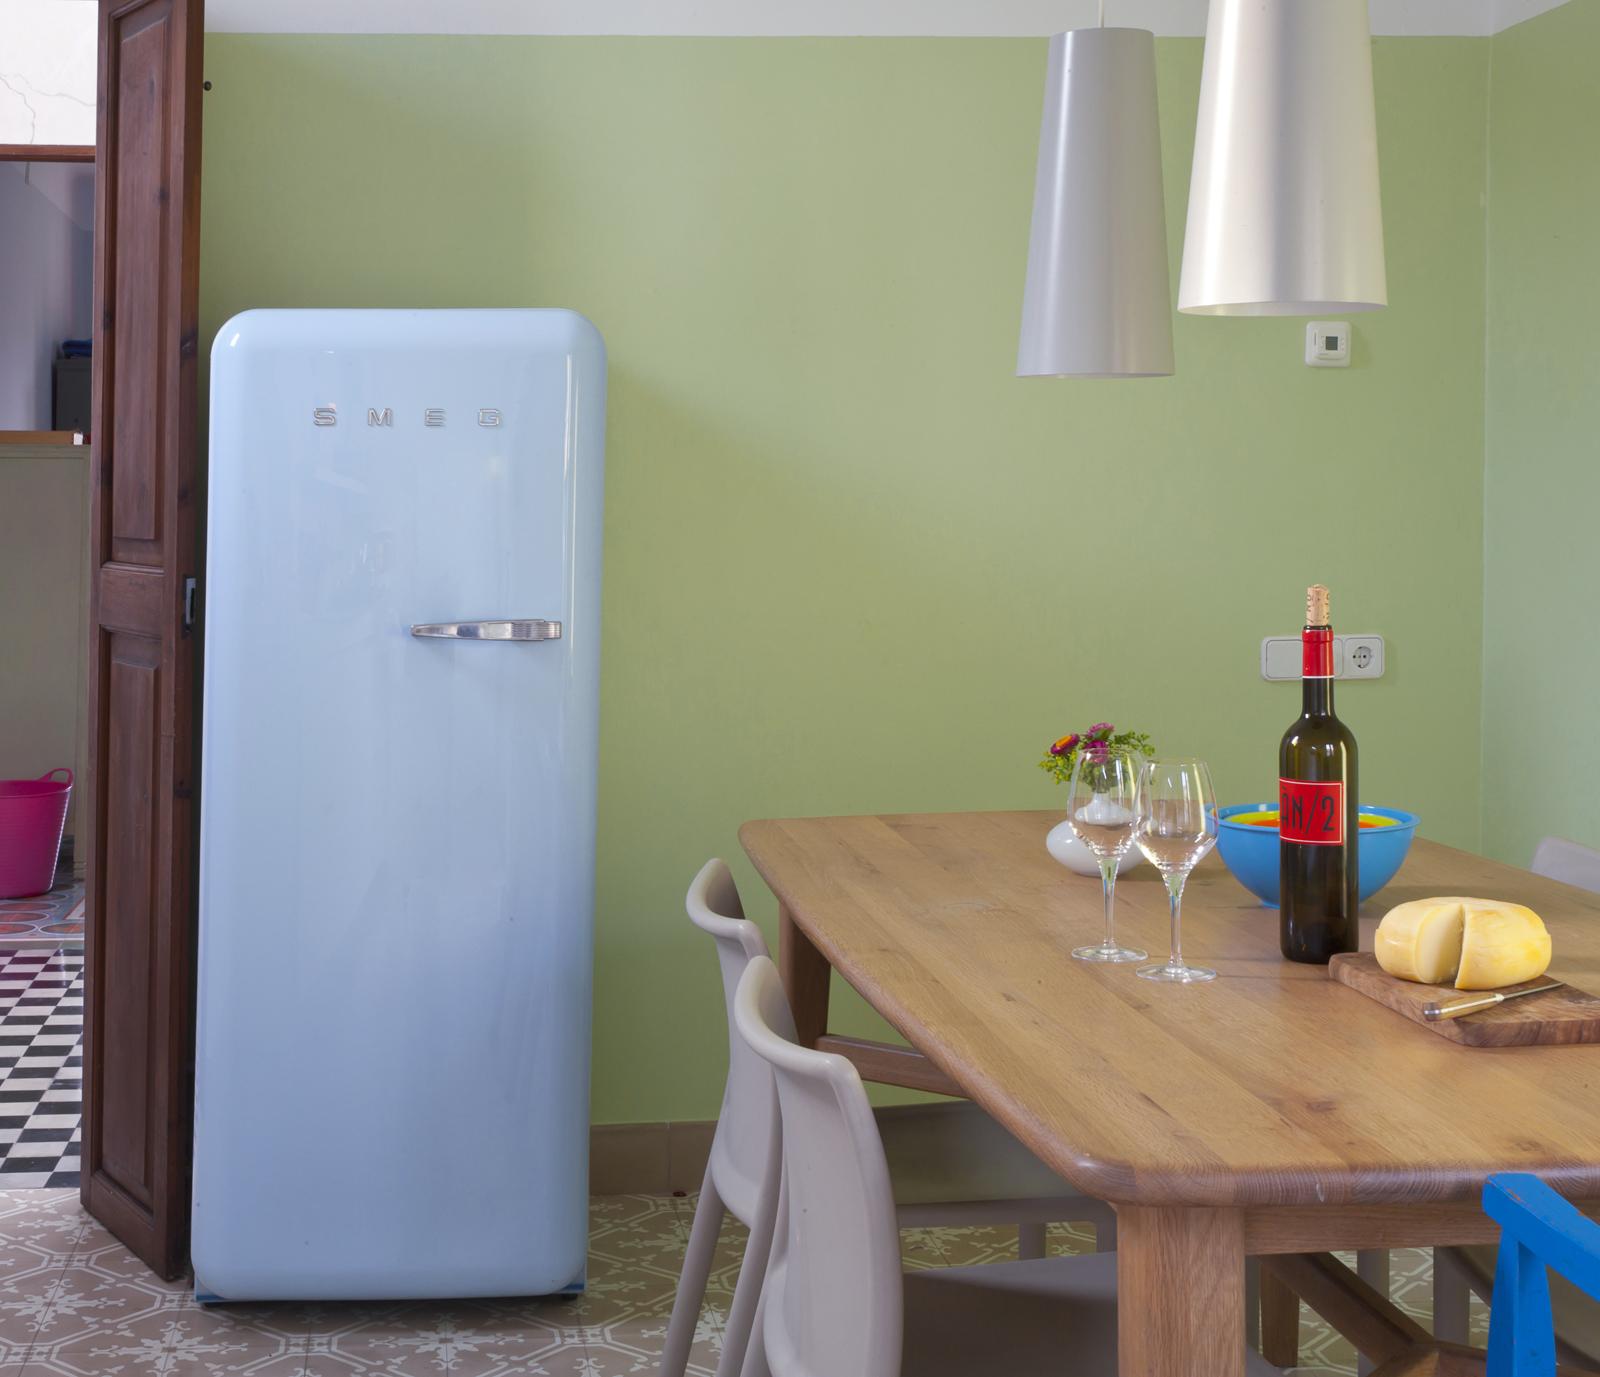 kreidefarbe-gruener-tee-107-kueche-zementfliesen-terrazzofliesen-viaplatten | Kreidefarbe Grüner Tee 2500 ml